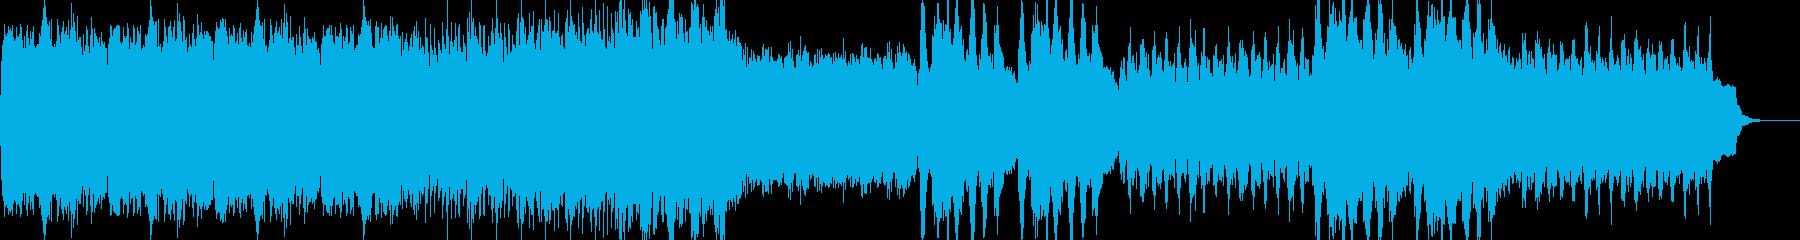 荘厳なオーケストラ曲の再生済みの波形